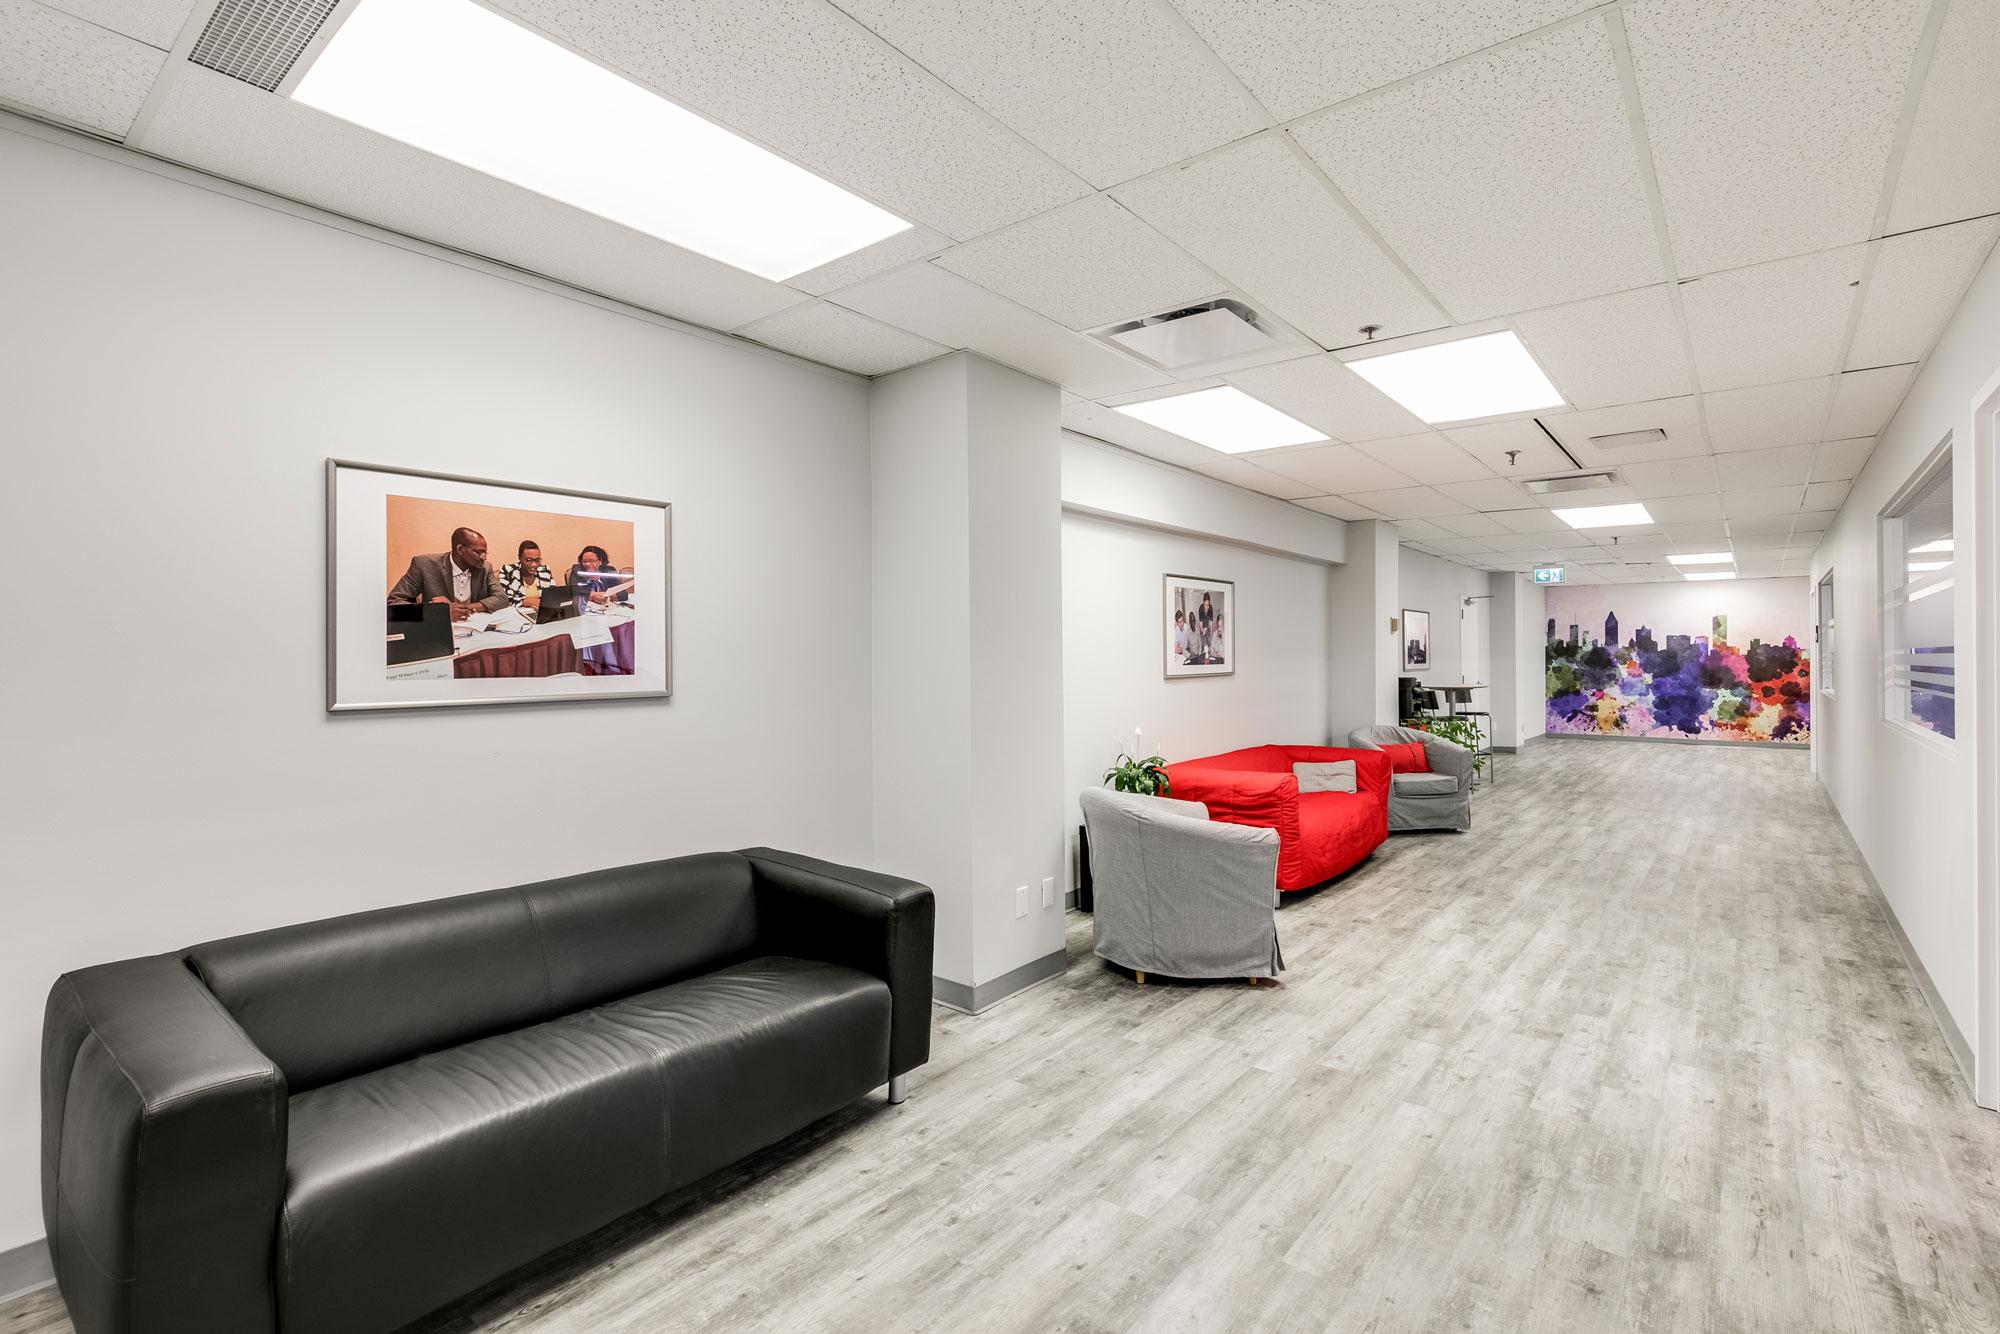 espace détente dans une entreprise avec divan en cuir noir et autres fauteuils + plancher en vinyle gris